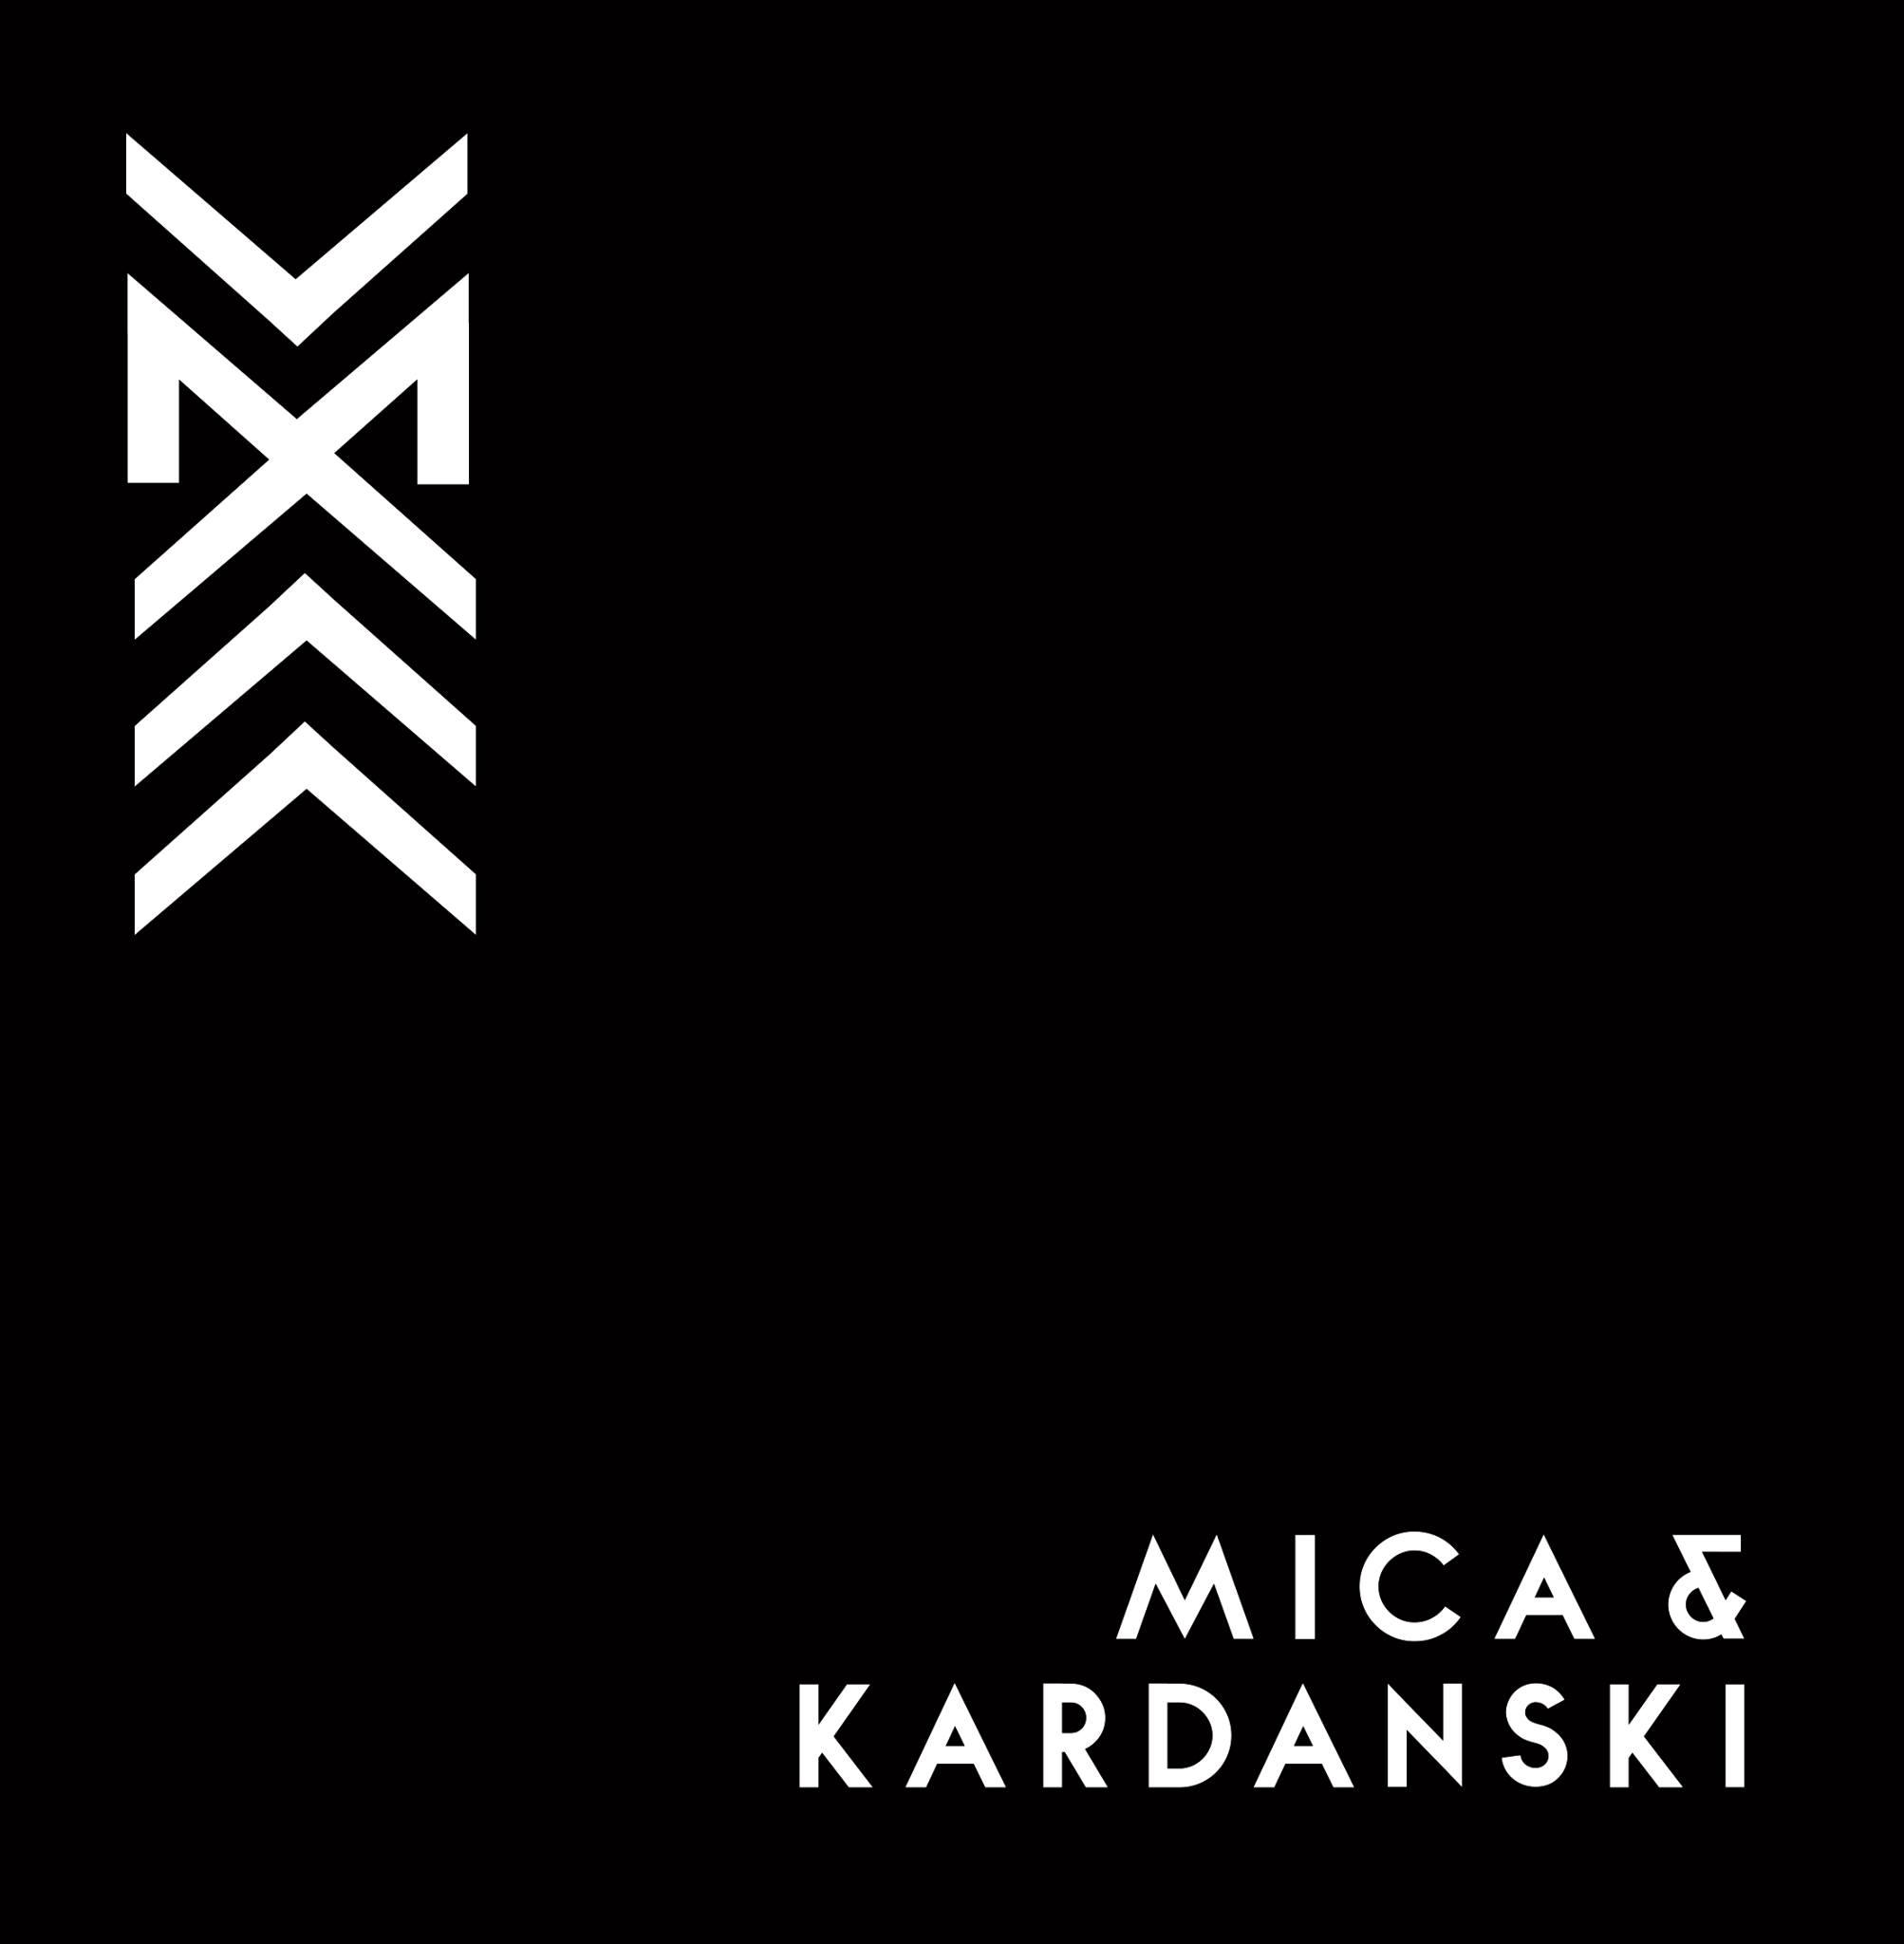 Mica & Kardanski